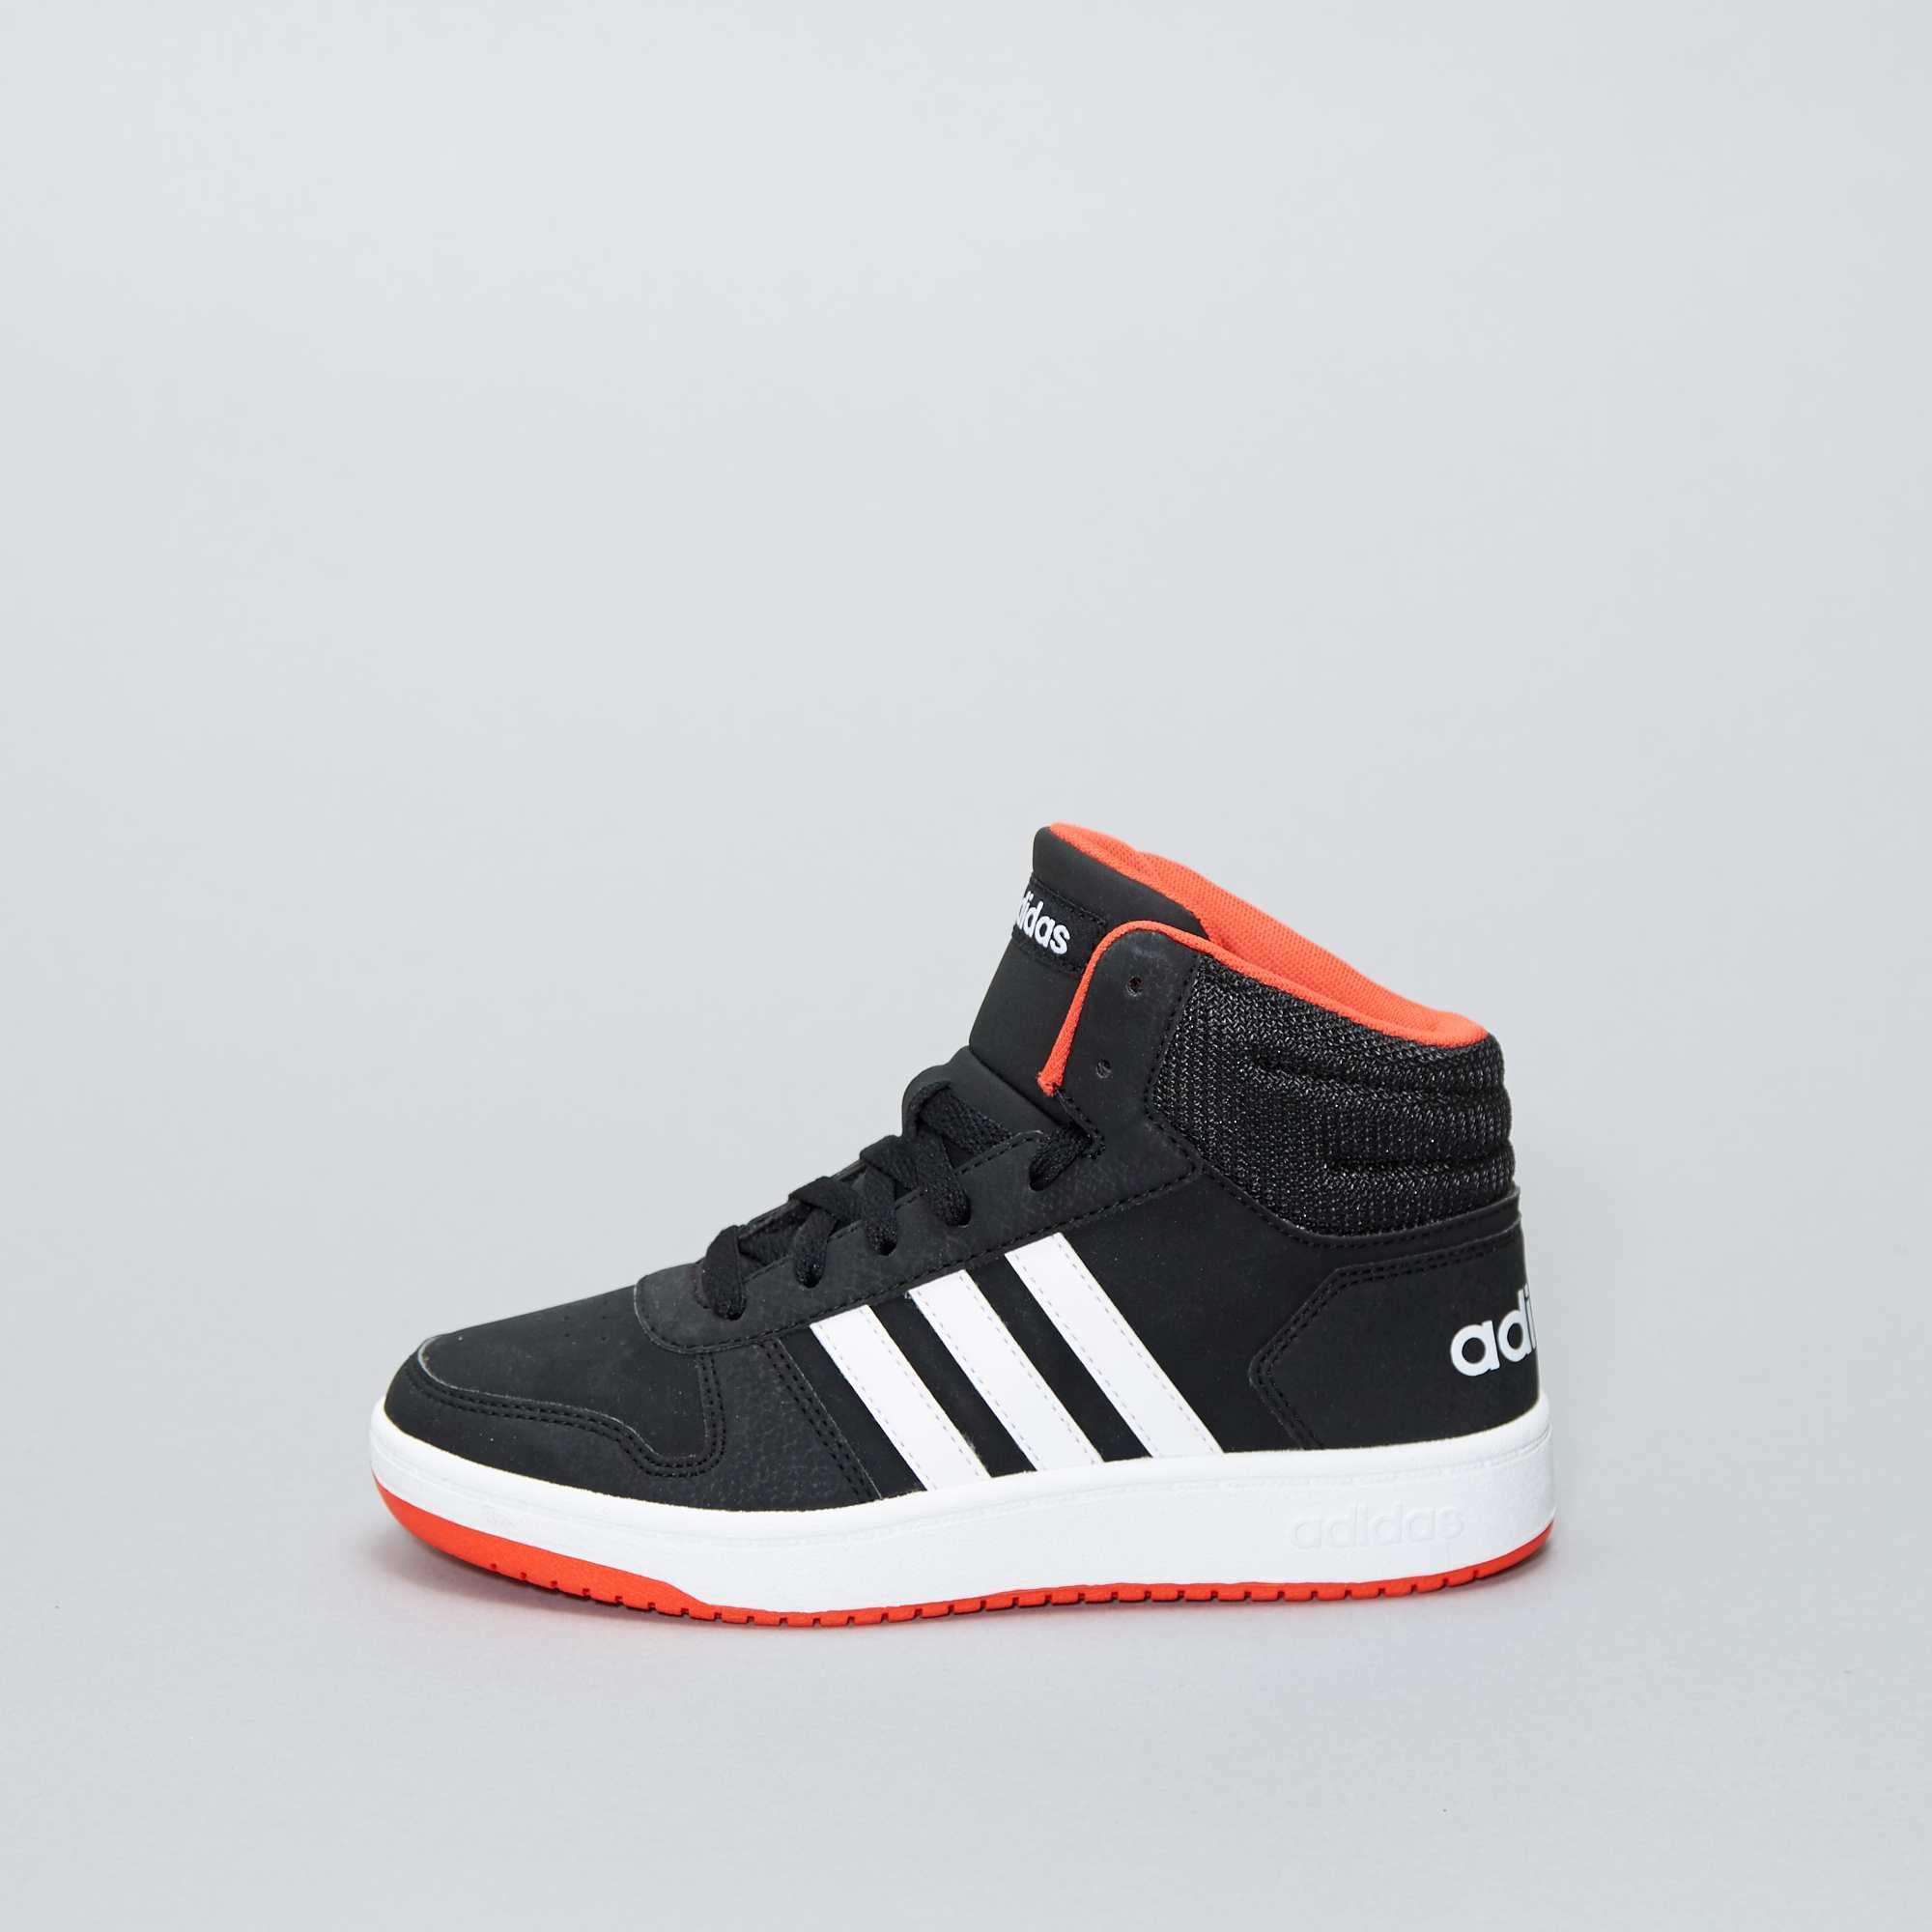 scarpe alte adidas bambina